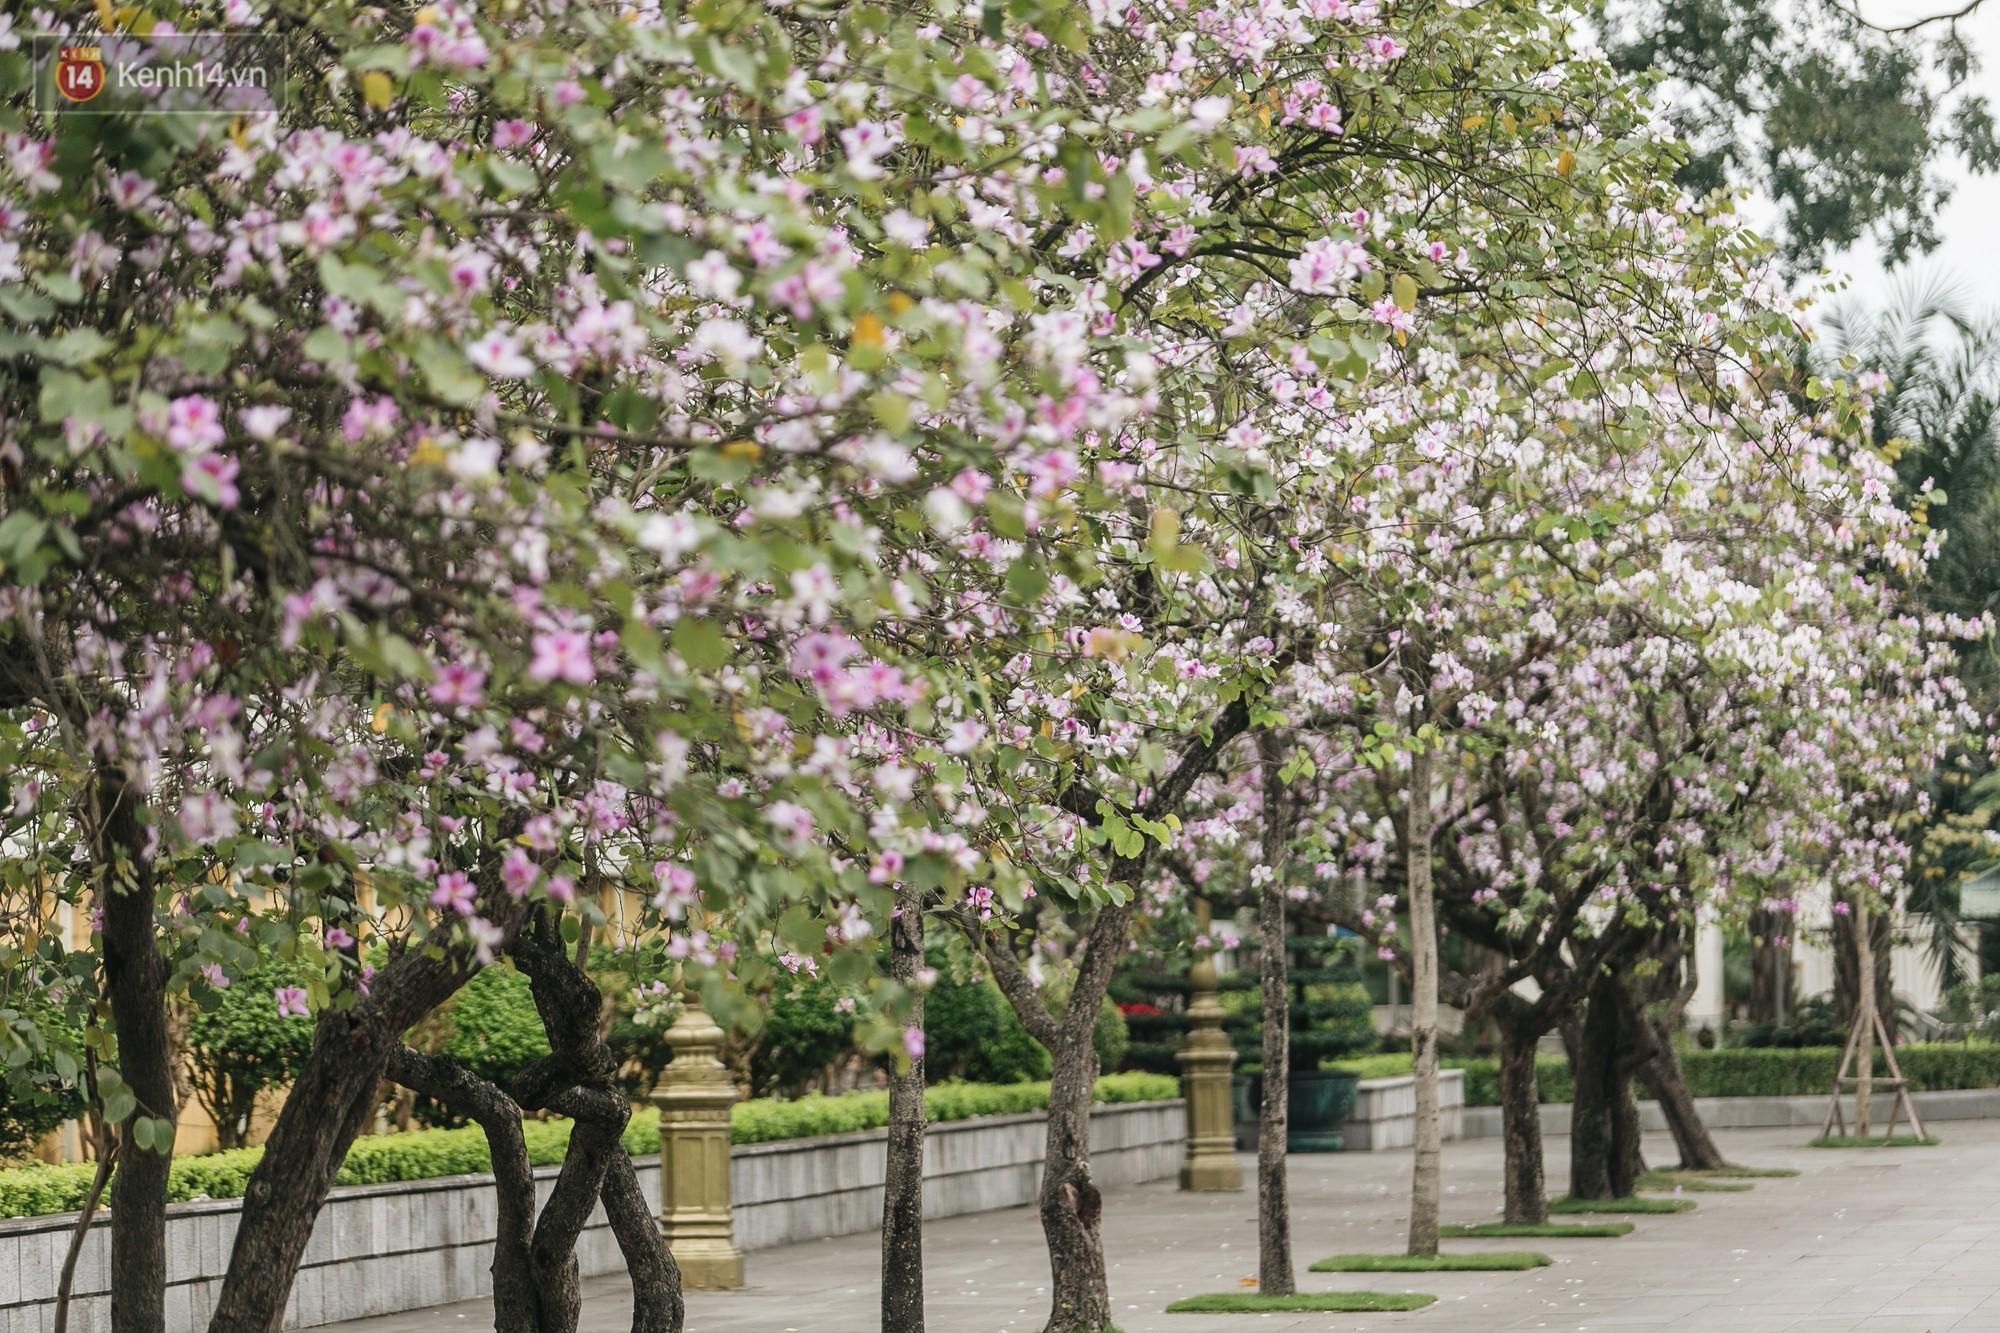 Không cần lên Tây Bắc, hoa ban vẫn bừng nở giữa đất trời Hà Nội cho người dân thỏa sức check-in - Ảnh 1.